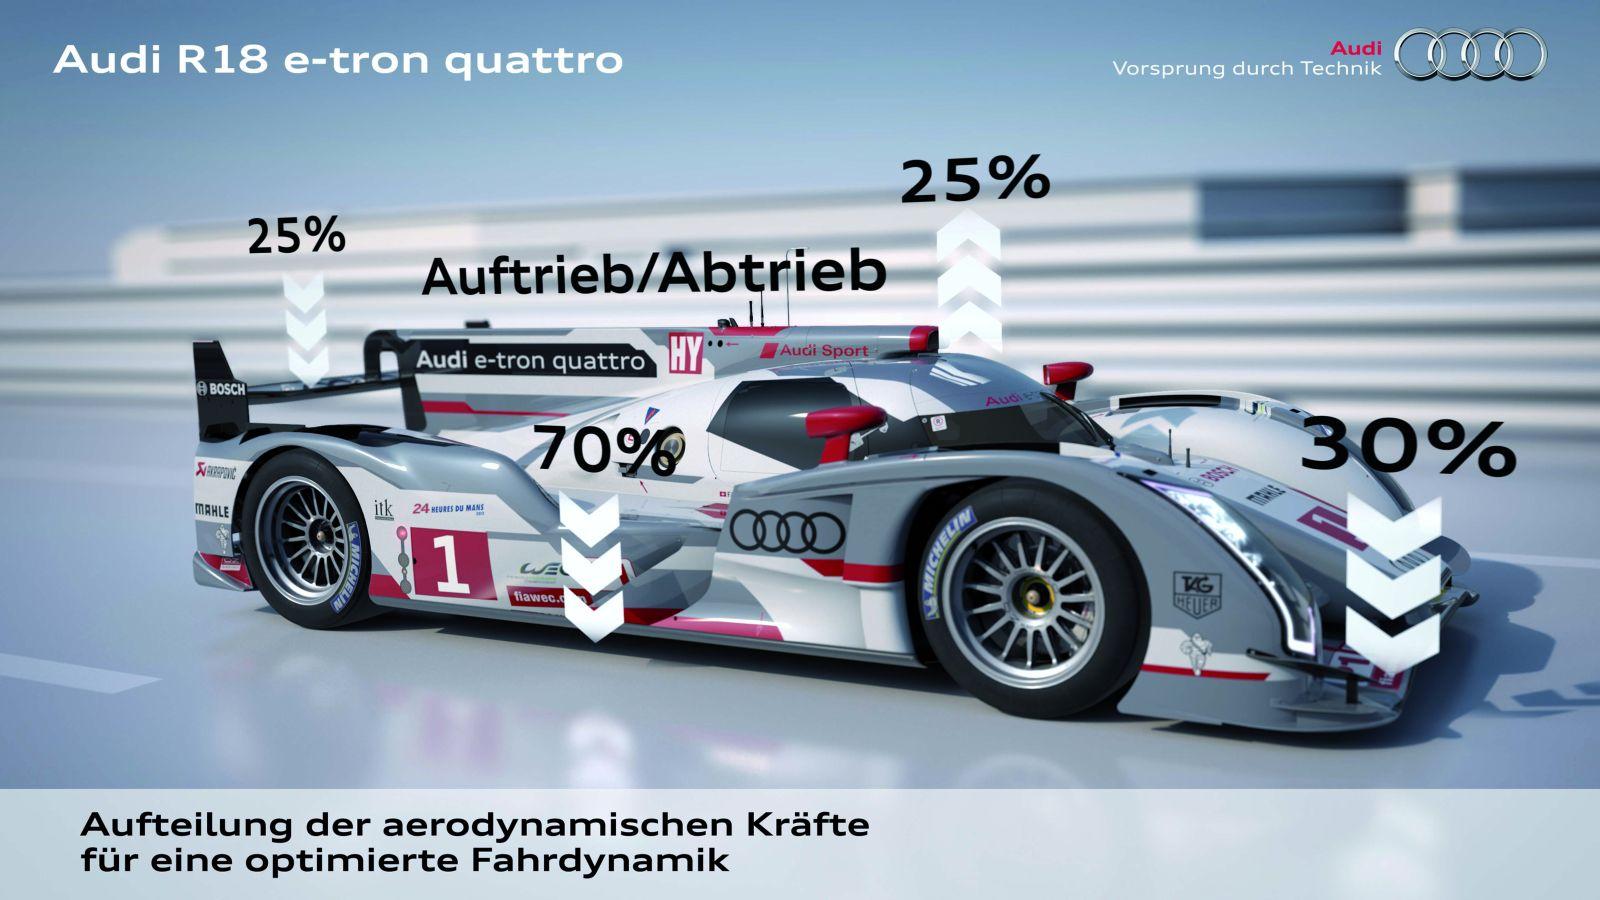 A4e Gallery Audi R Motorsport Audi R18 E Tron Quattro